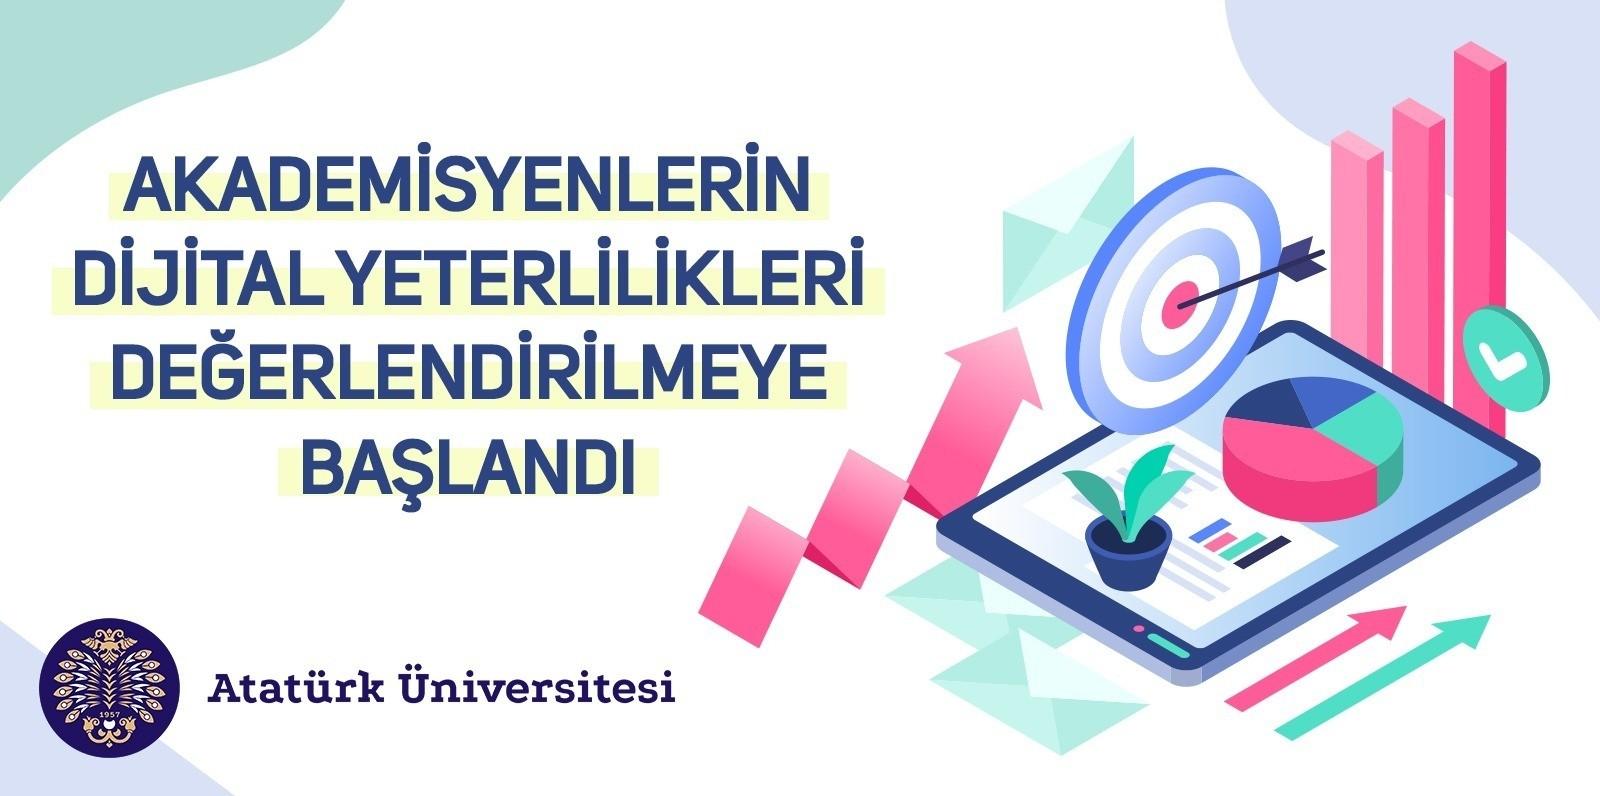 Eğitimcilerin dijital yeterlilikleri Türkiye'de ilk kez Atatürk Üniversitesinde değerlendirilmeye başlandı